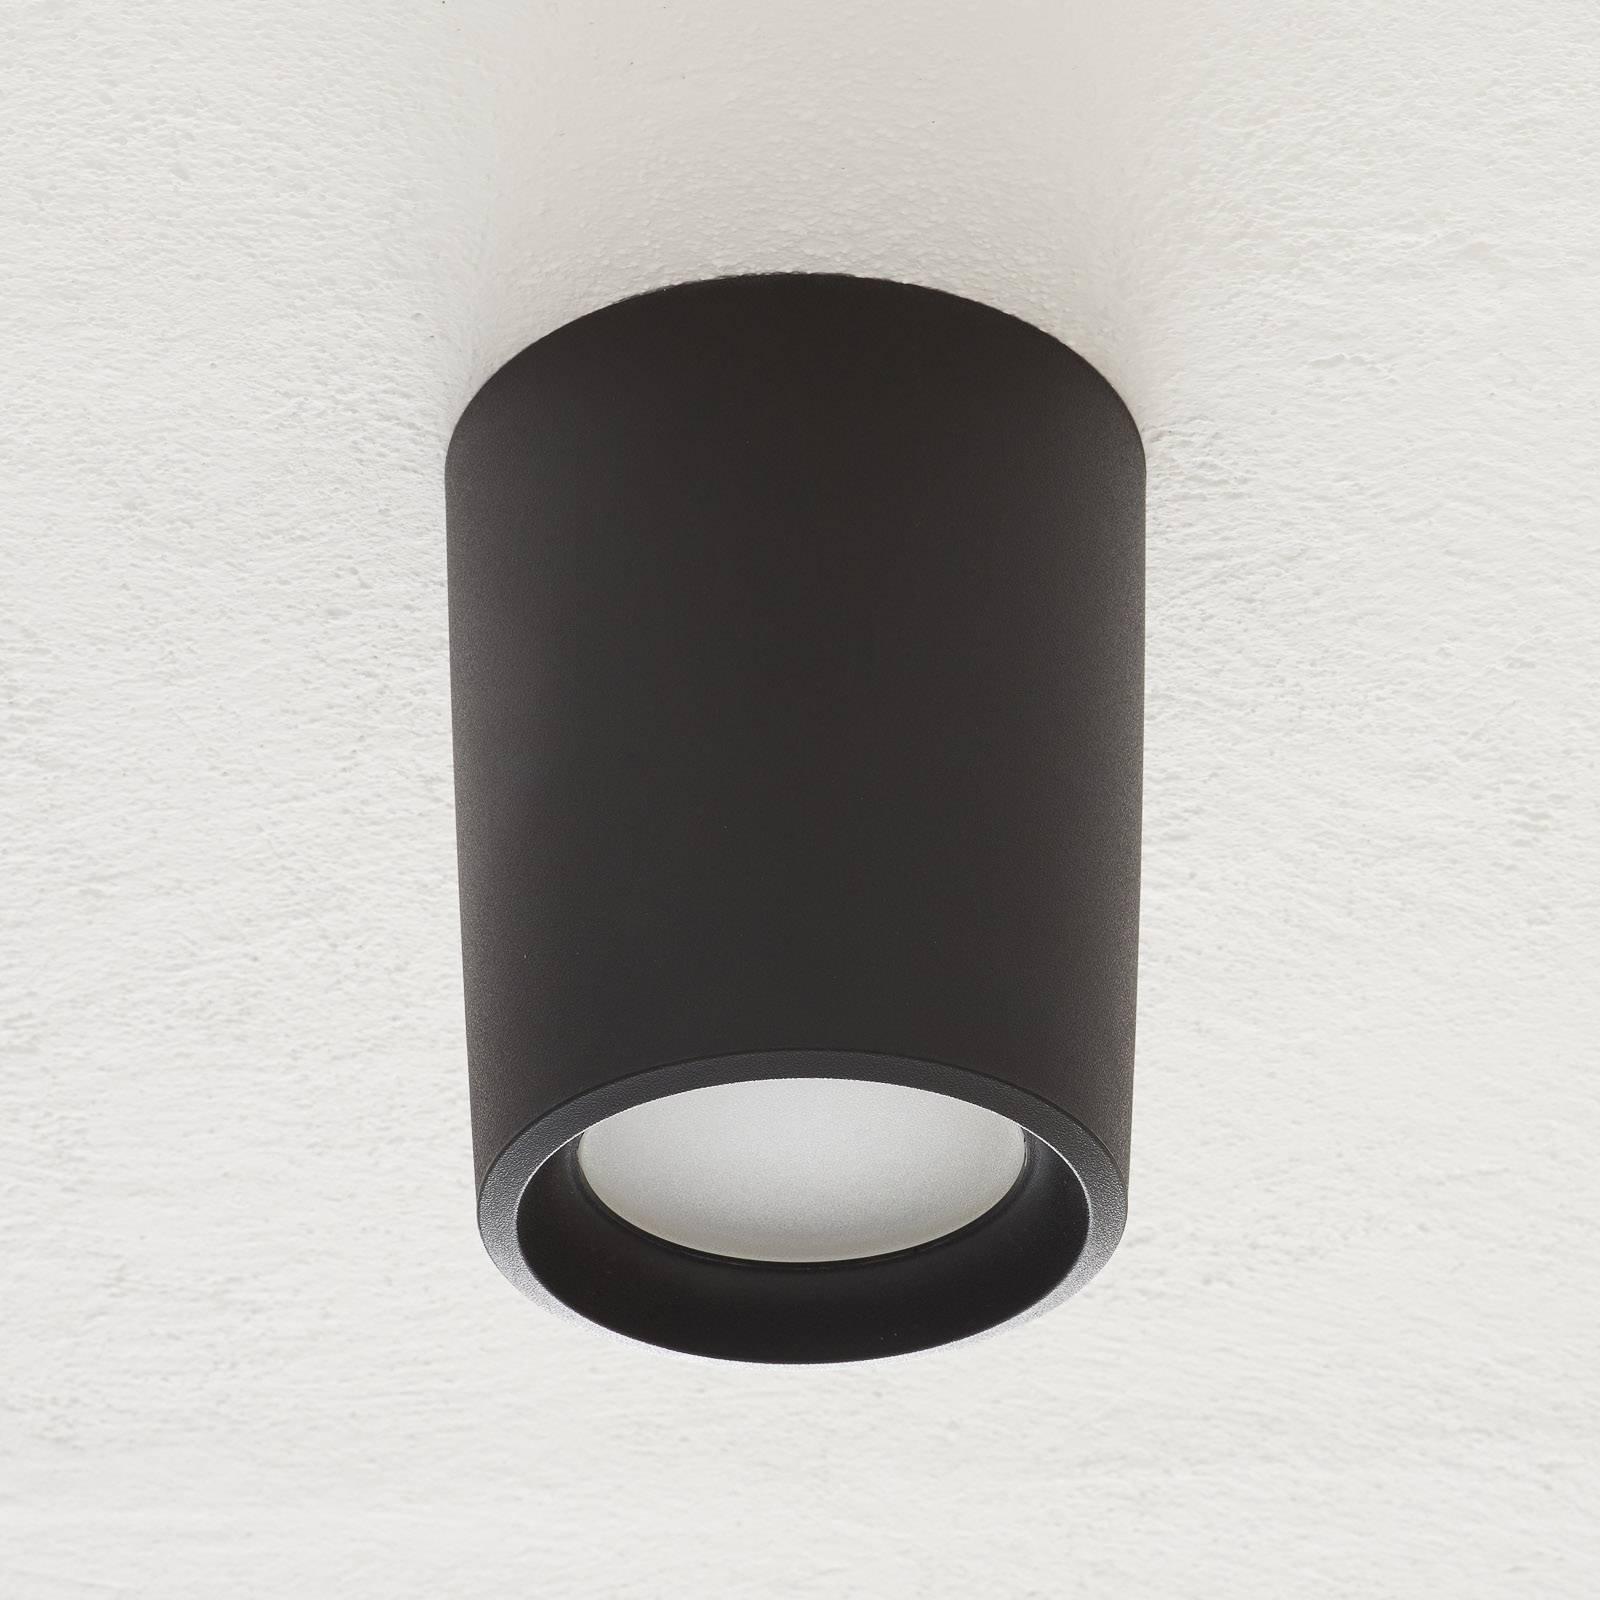 Downlight Livia Ø18cm 3 000 K svart/frost